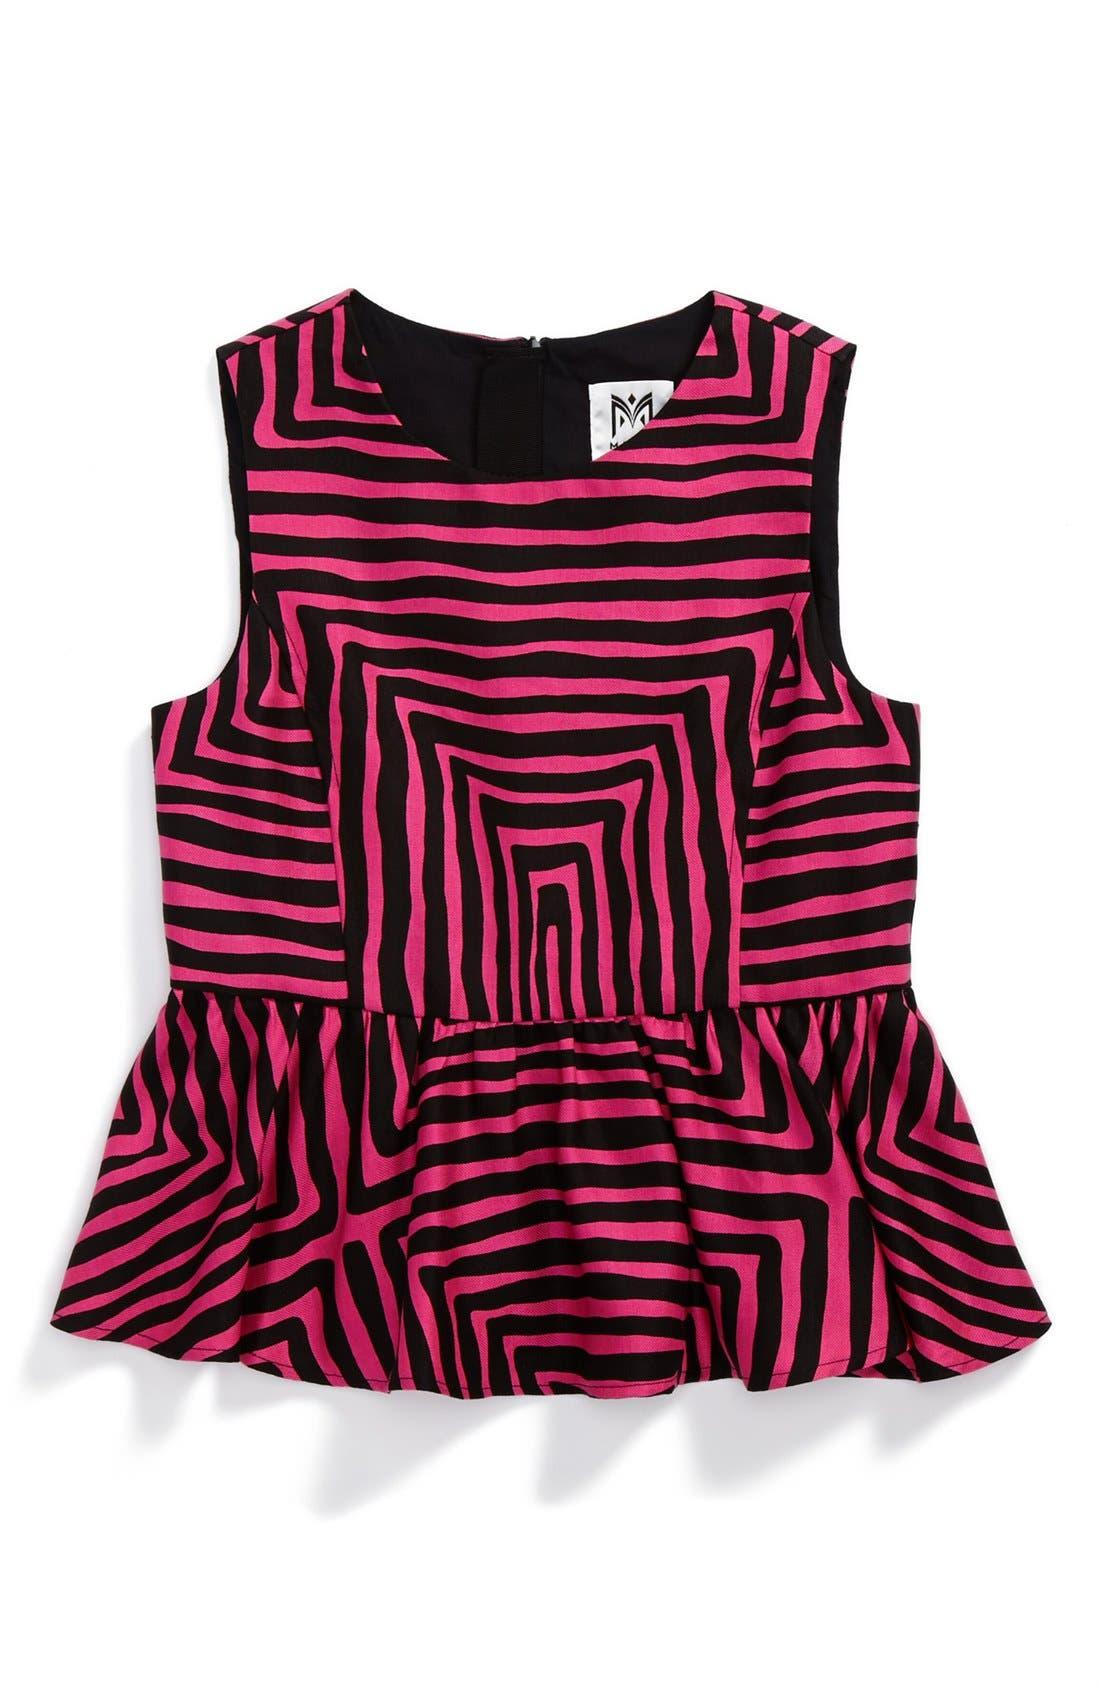 Alternate Image 1 Selected - Milly Minis 'Pippa' Peplum Top (Toddler Girls, Little Girls & Big Girls)